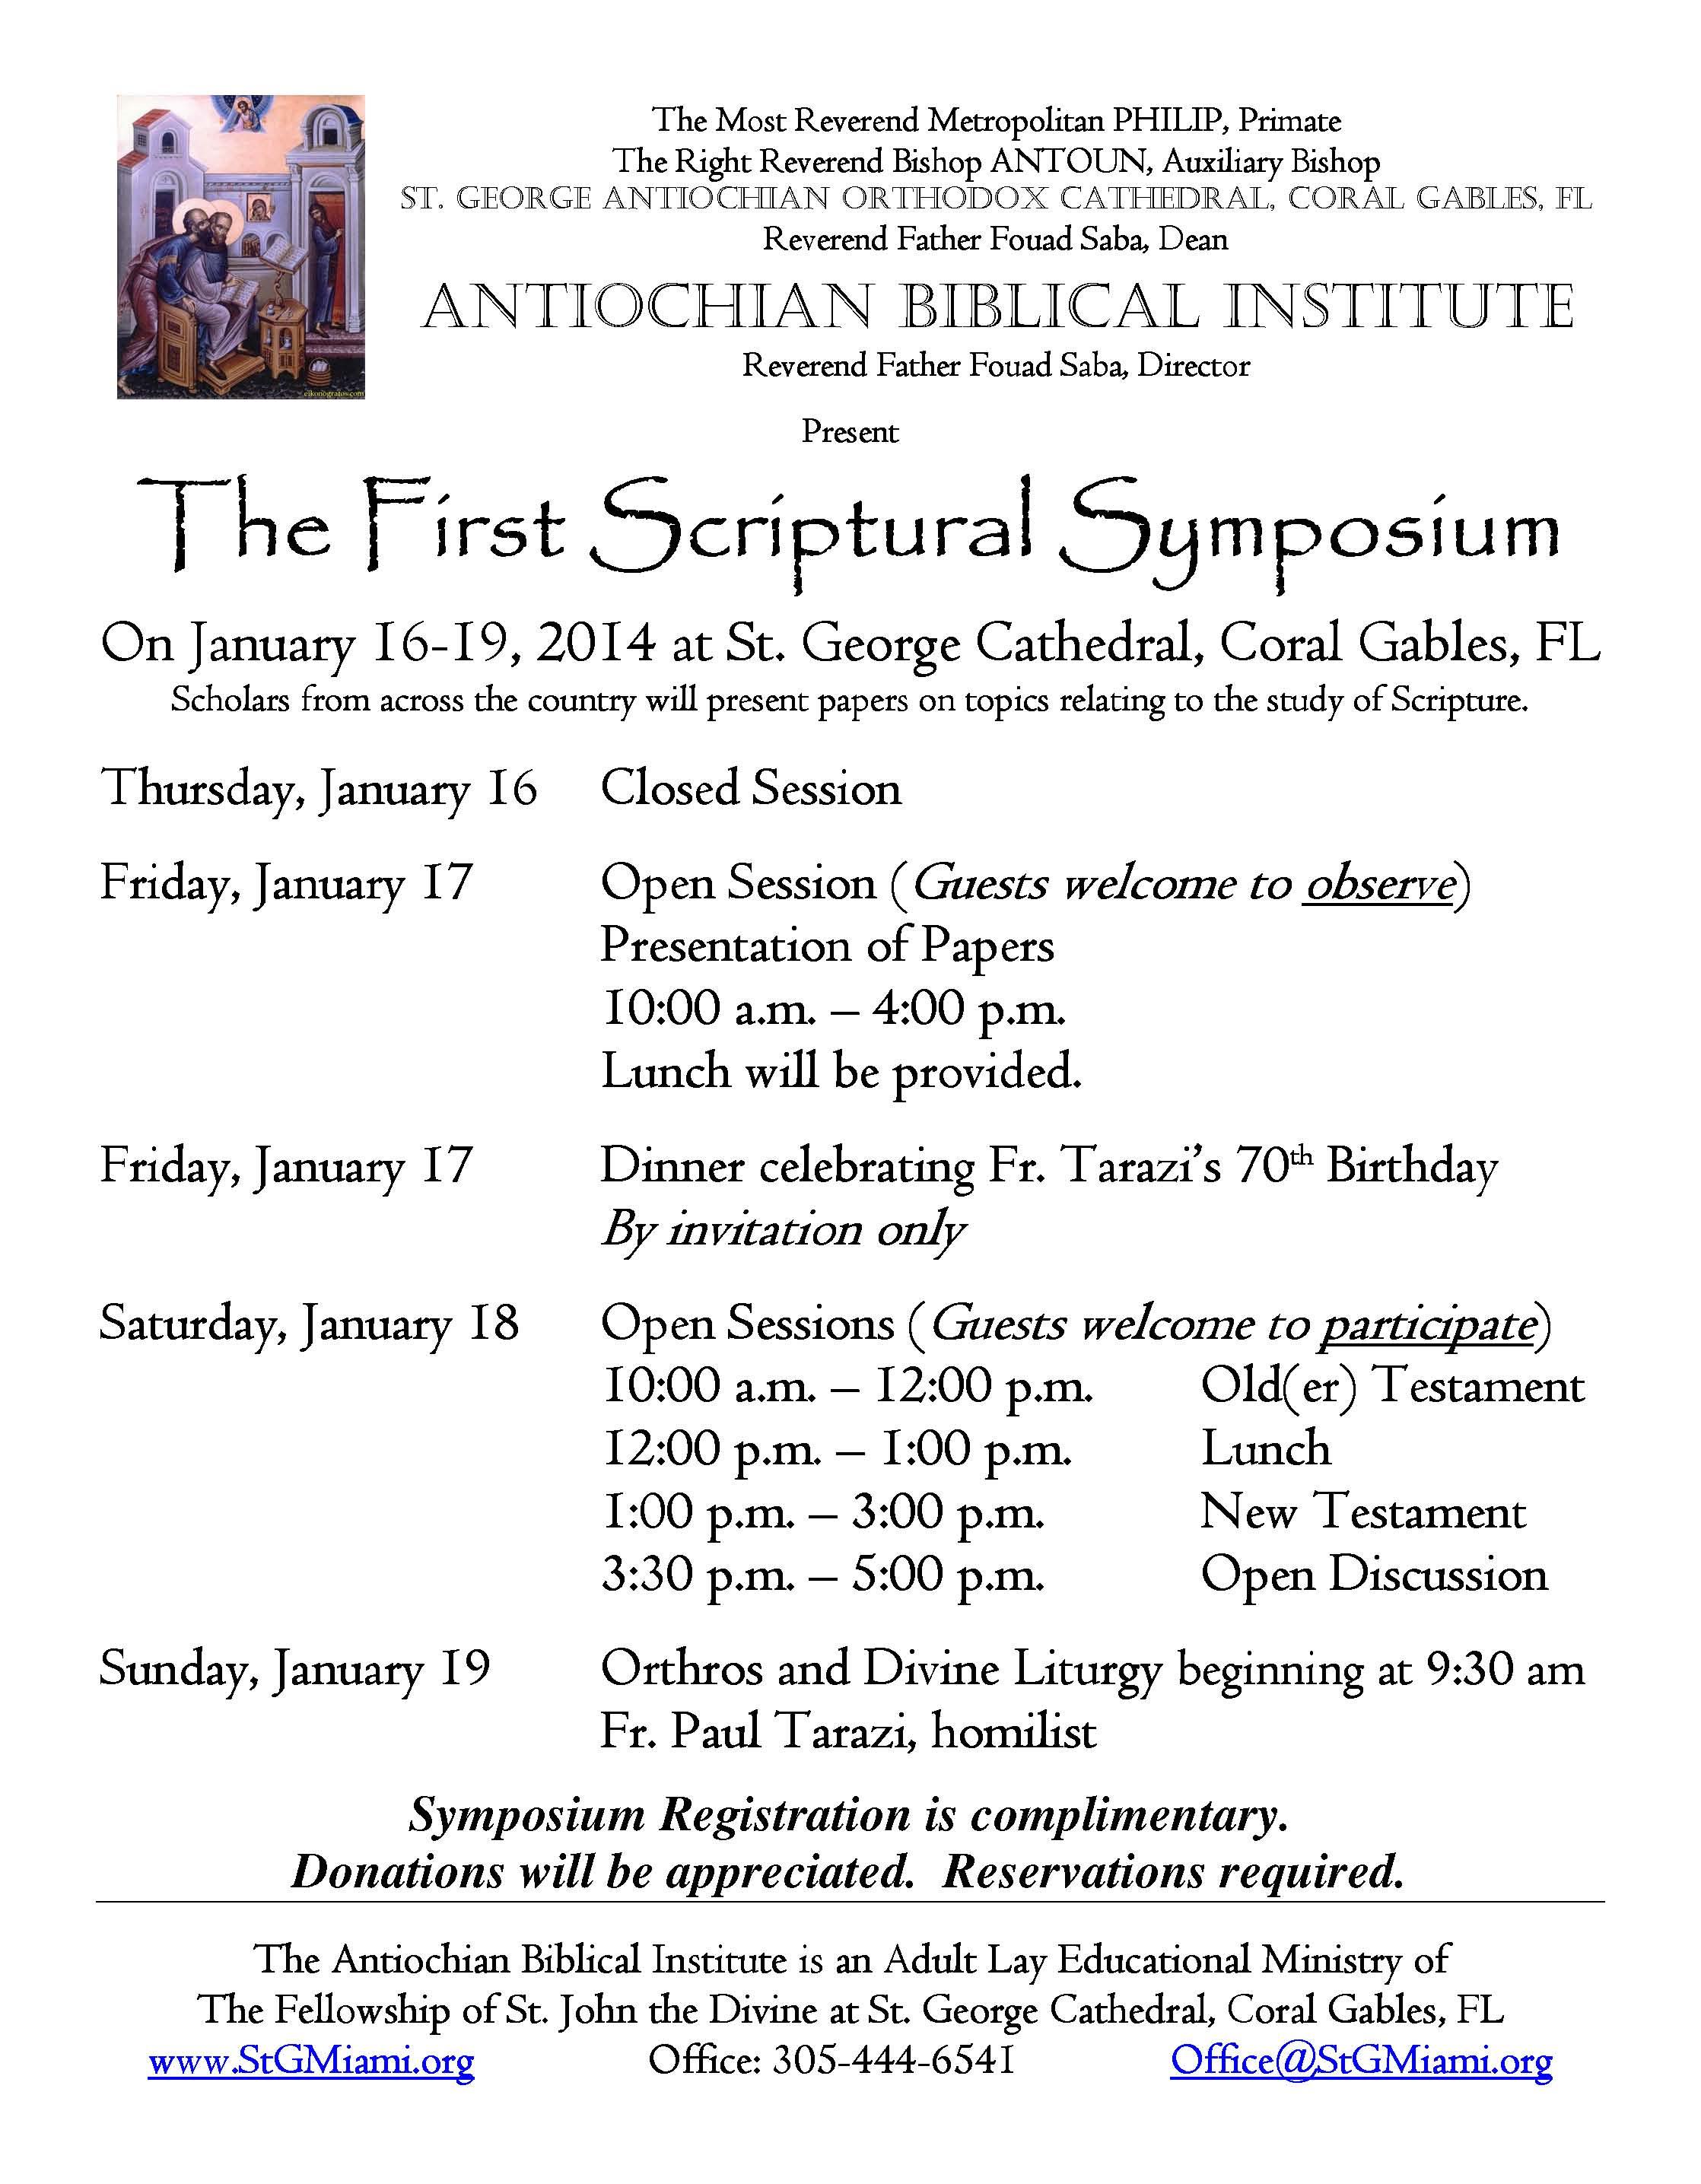 2014 Scriptural Symposium